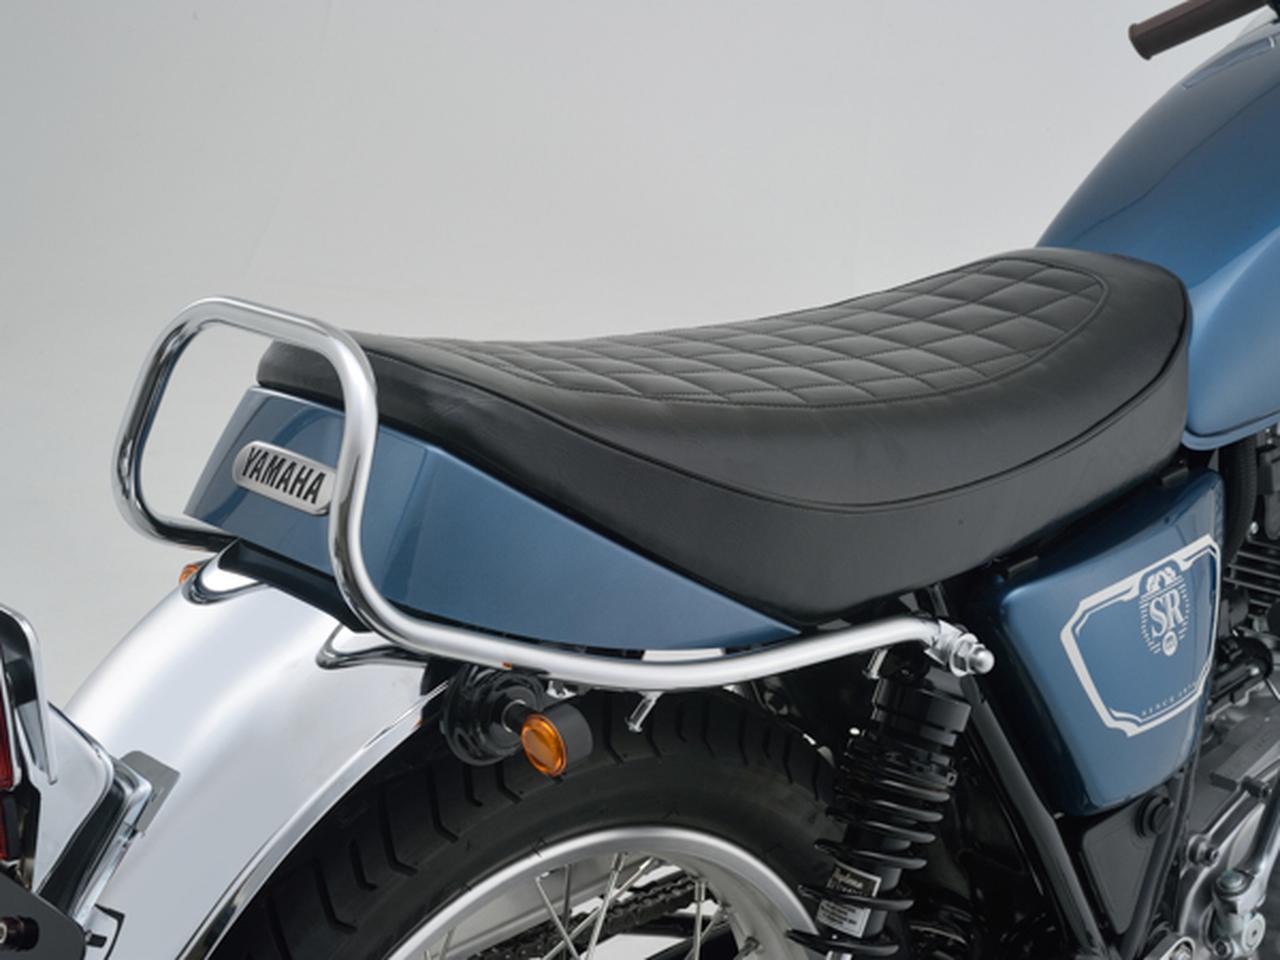 画像4: デイトナからヤマハ「SR400/500」向けのノスタルジックシートが登場、シート高を約25mmダウンできる!